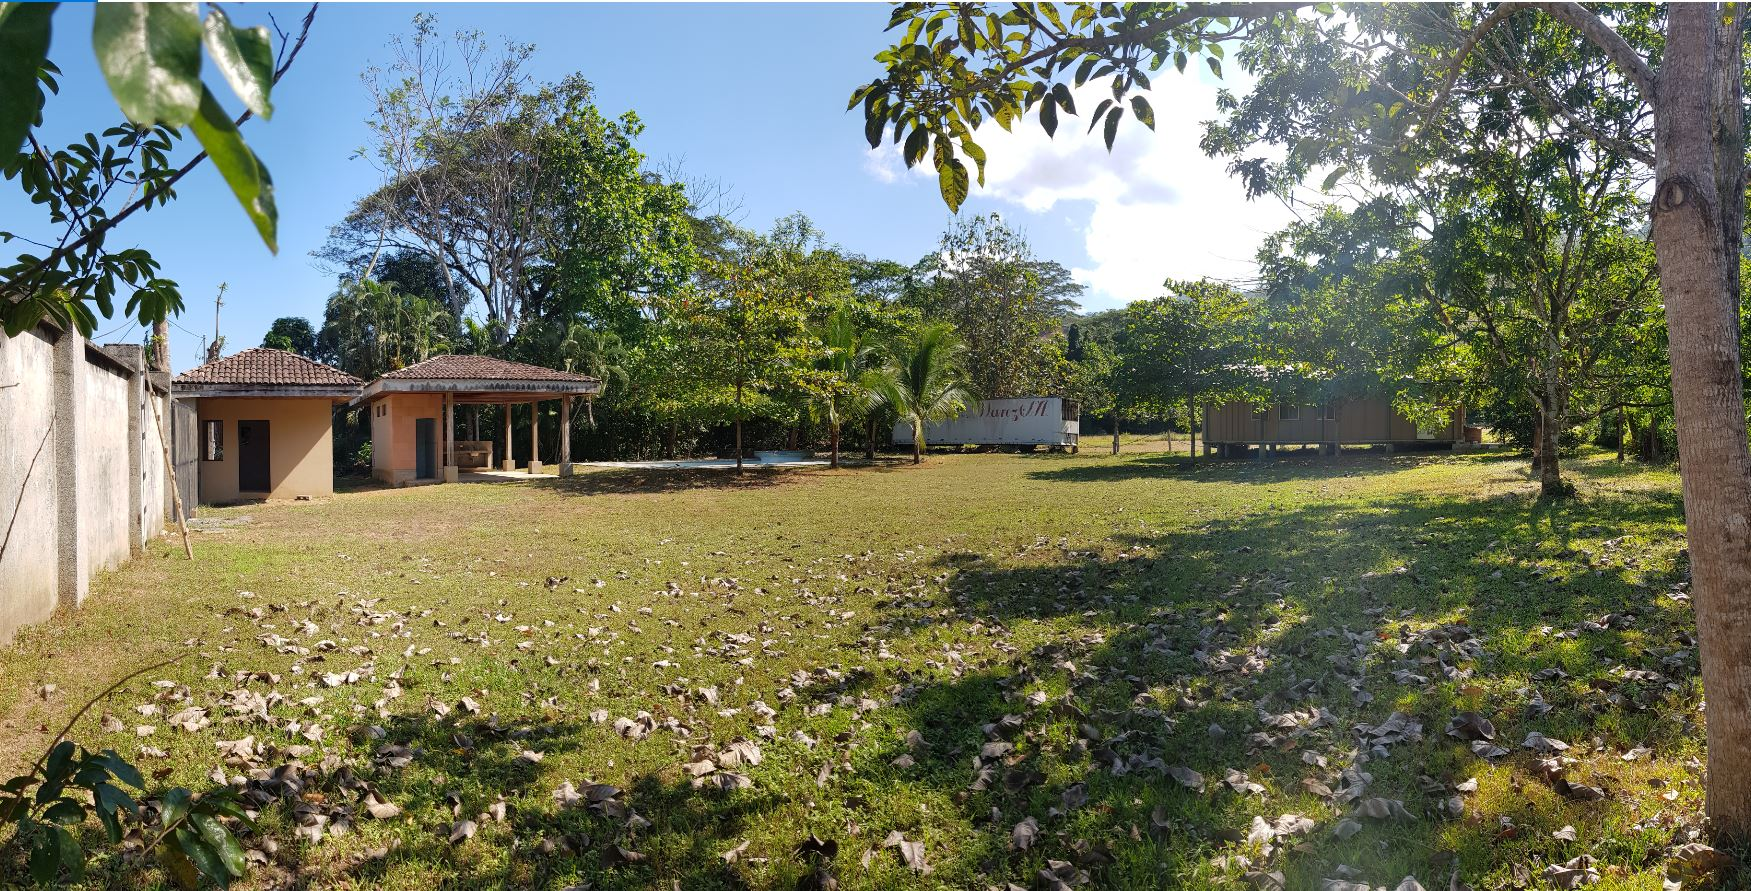 Lote en Venta, Punta Leona, Garabito de Puntarenas.